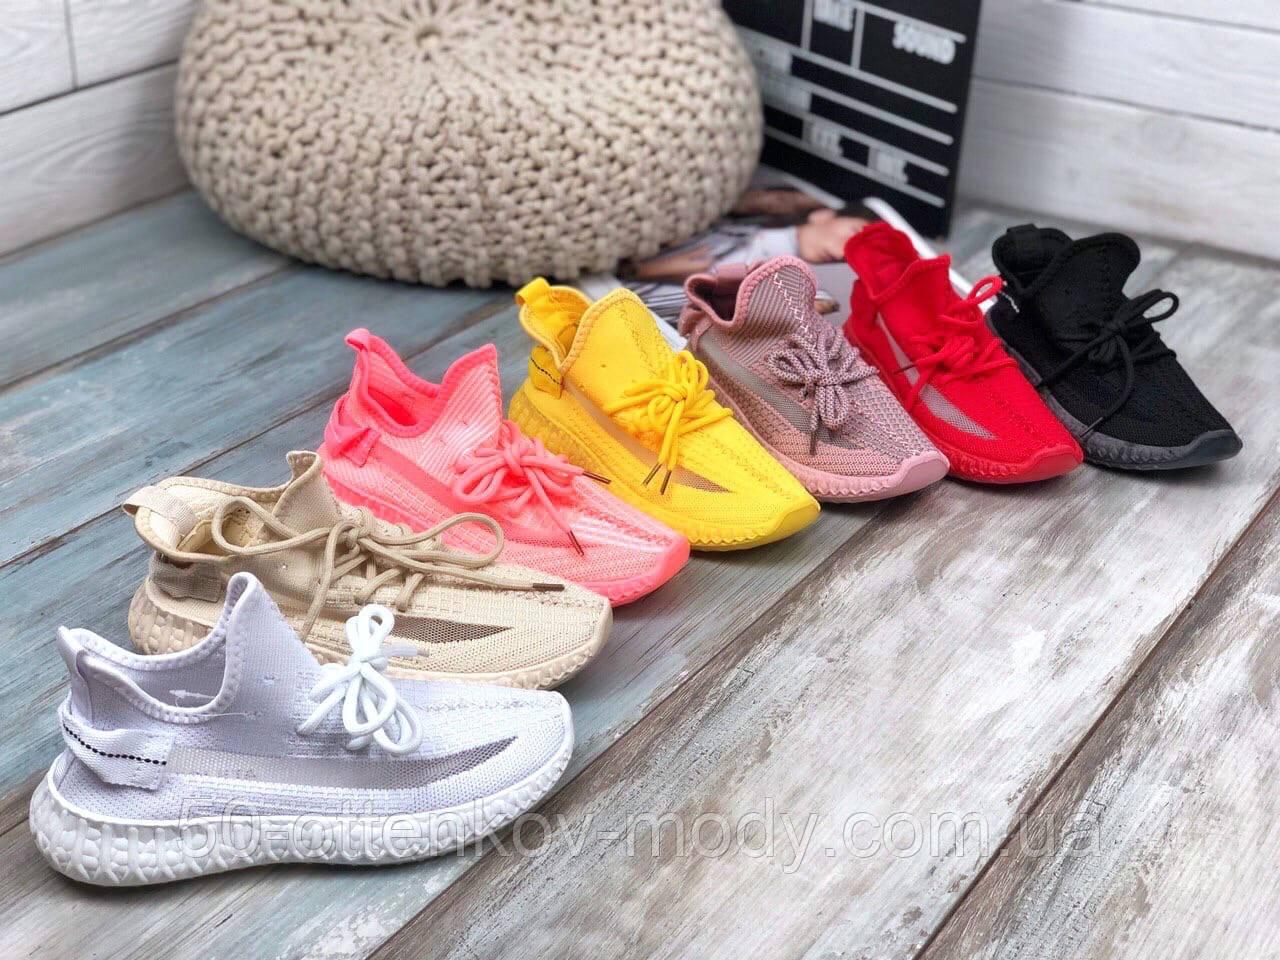 Жіночі кросівки текстильні YEEZY білі